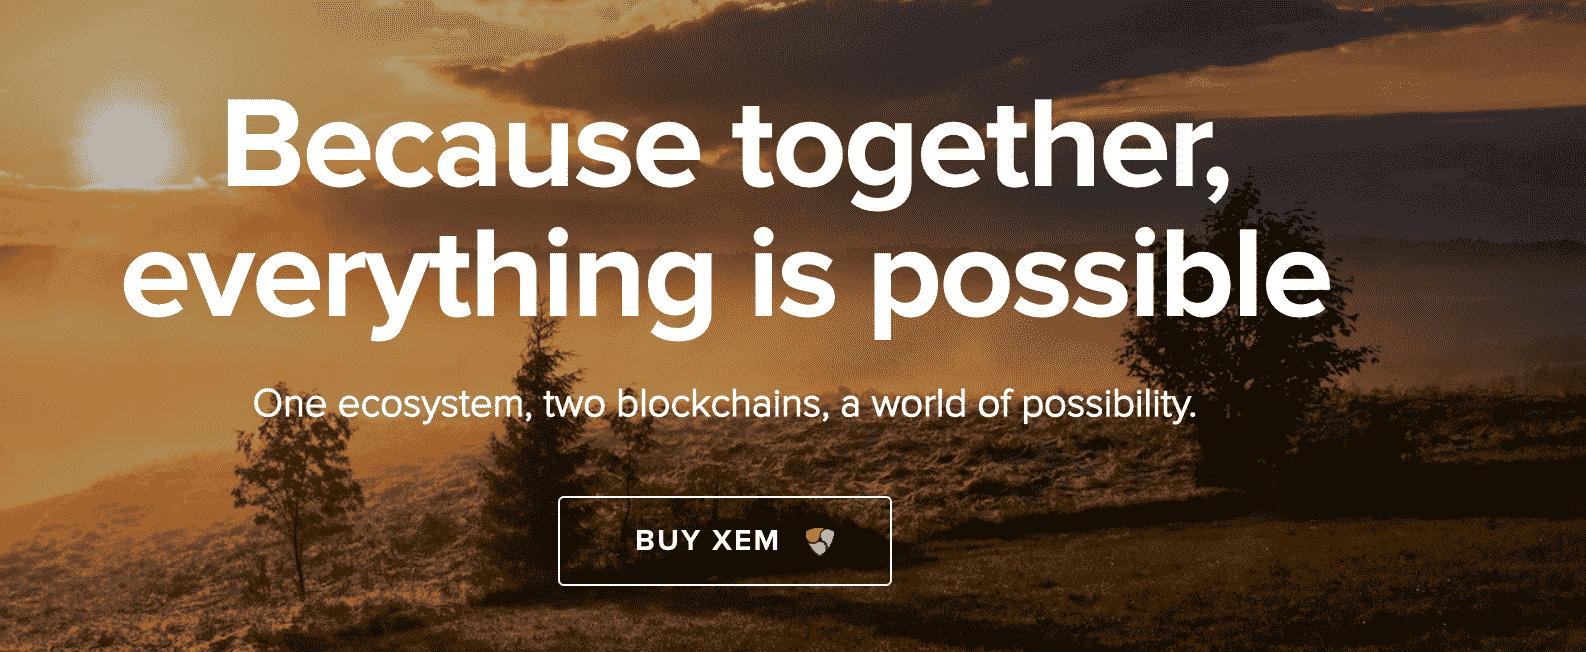 XEM price prediction